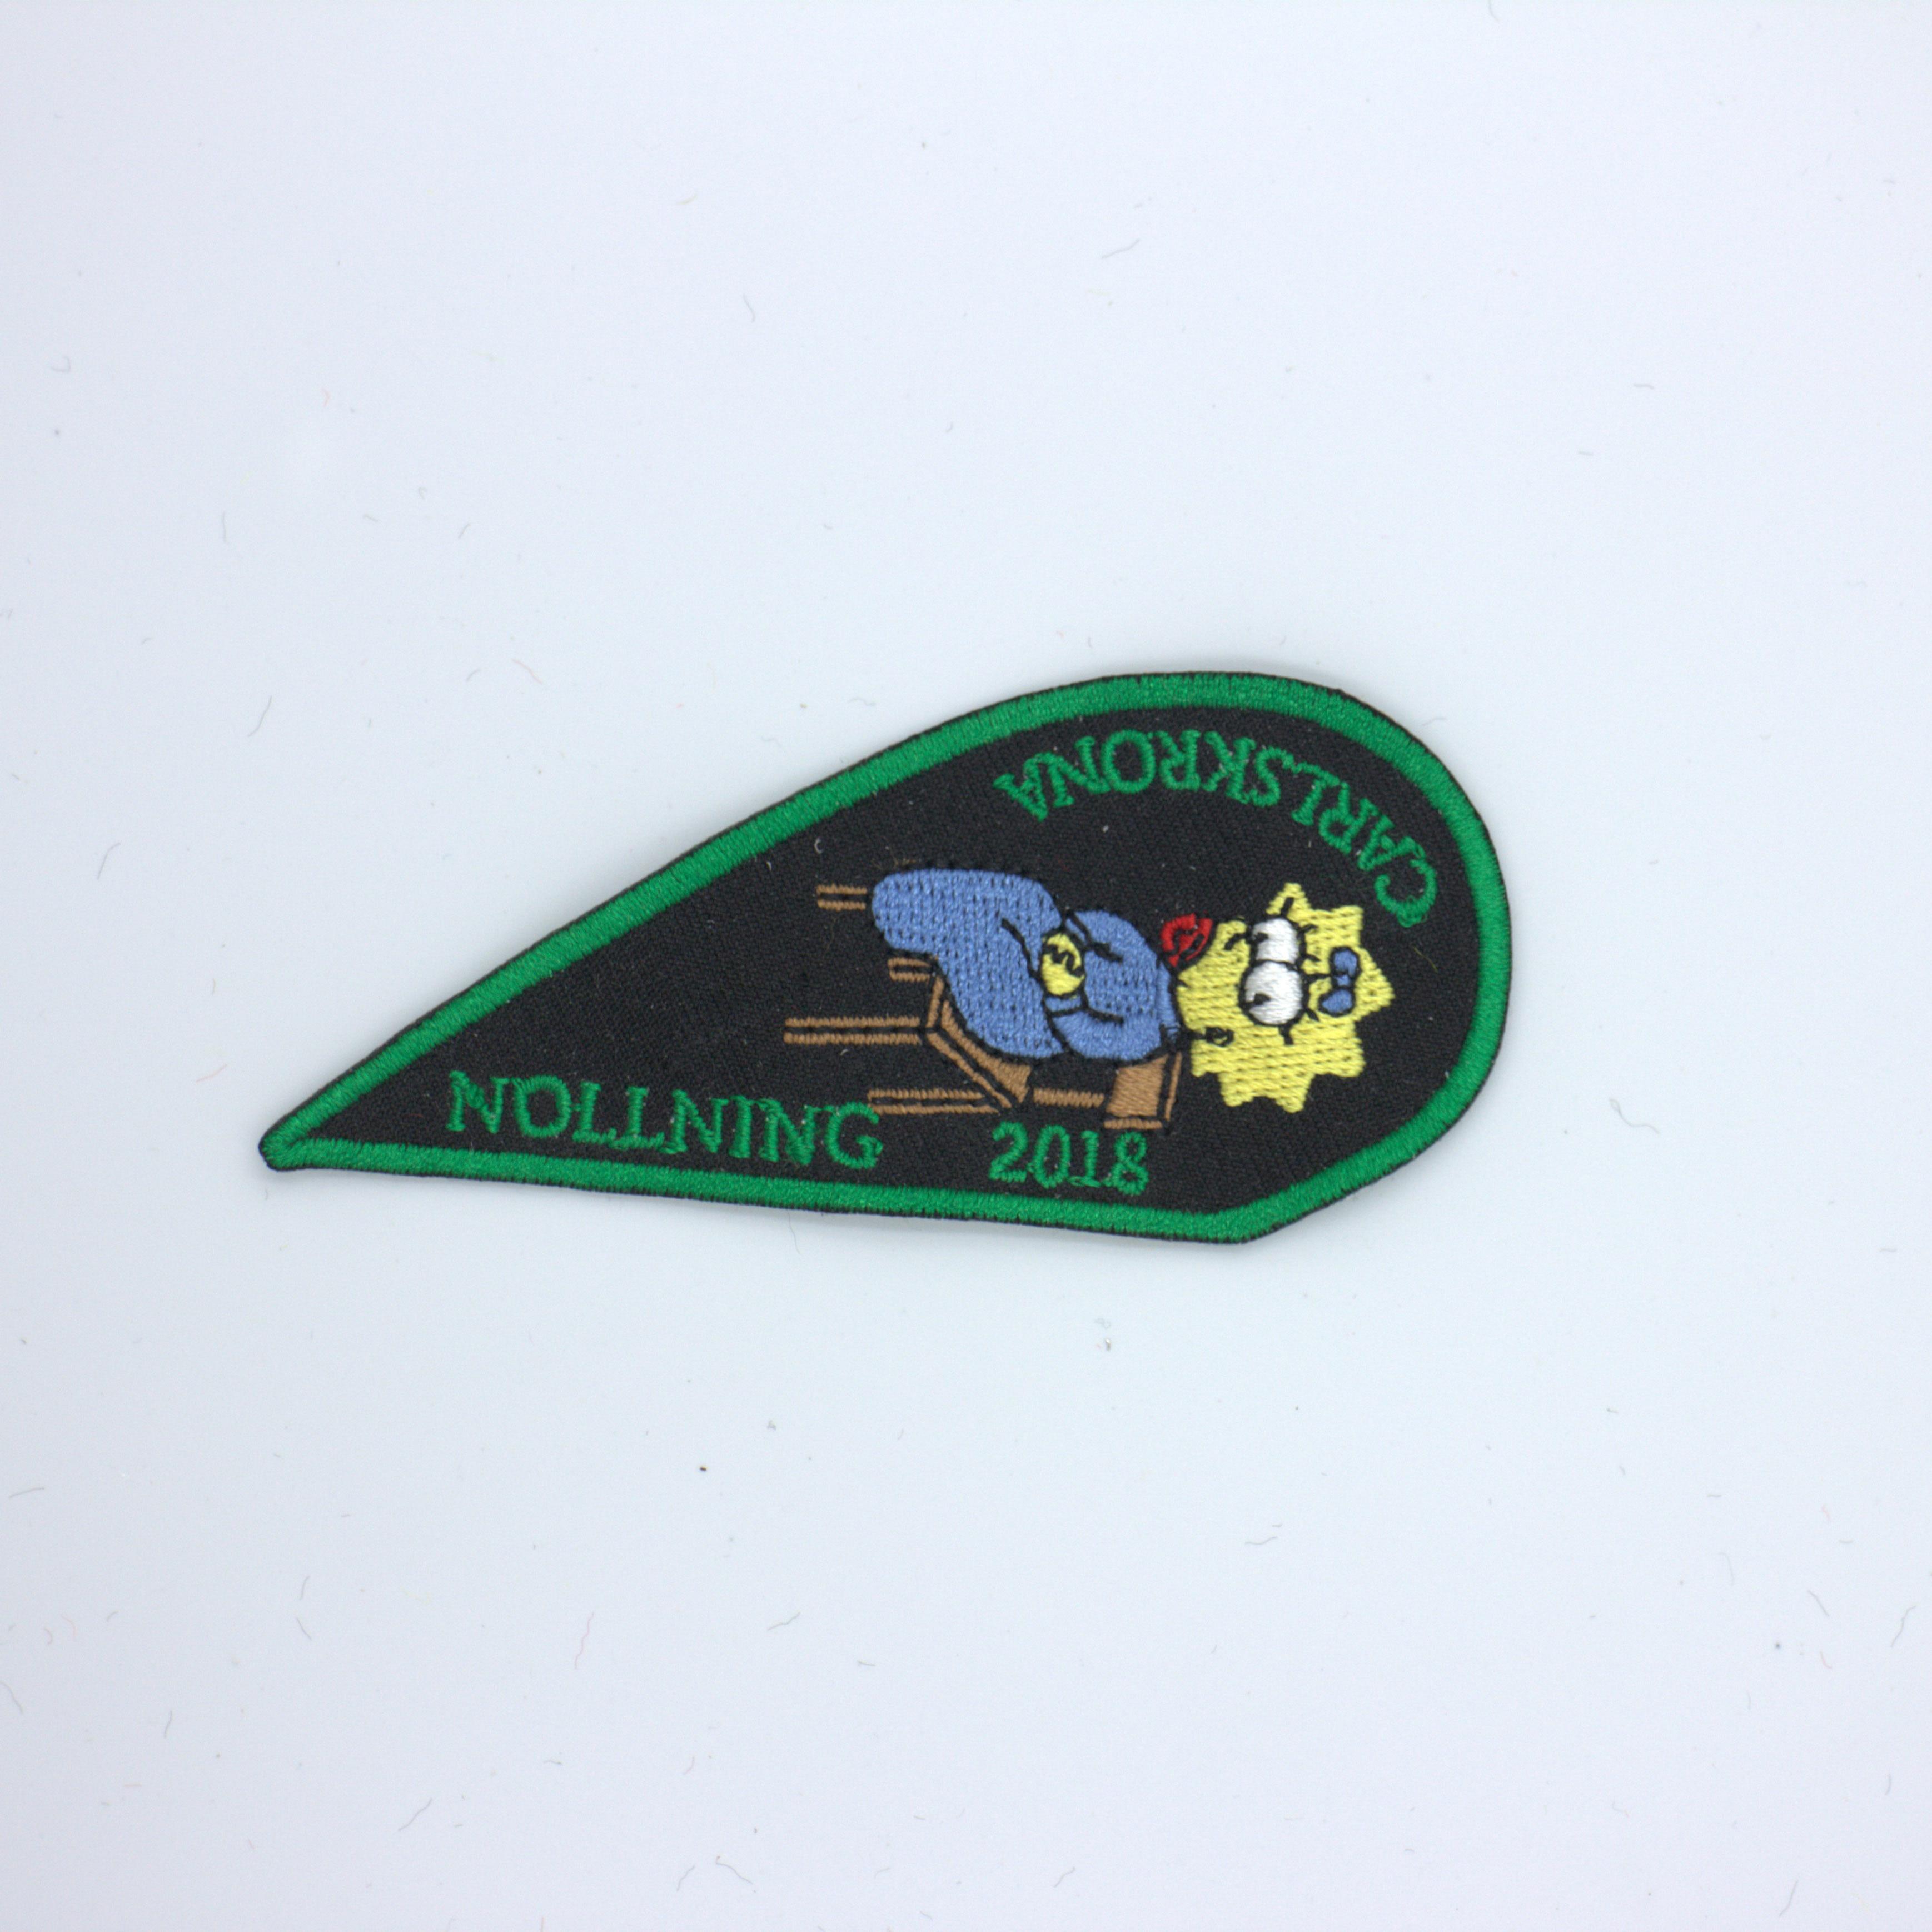 Remendo emblemas bordado applique costura ferro no emblema roupas vestuário acessórios 4.9